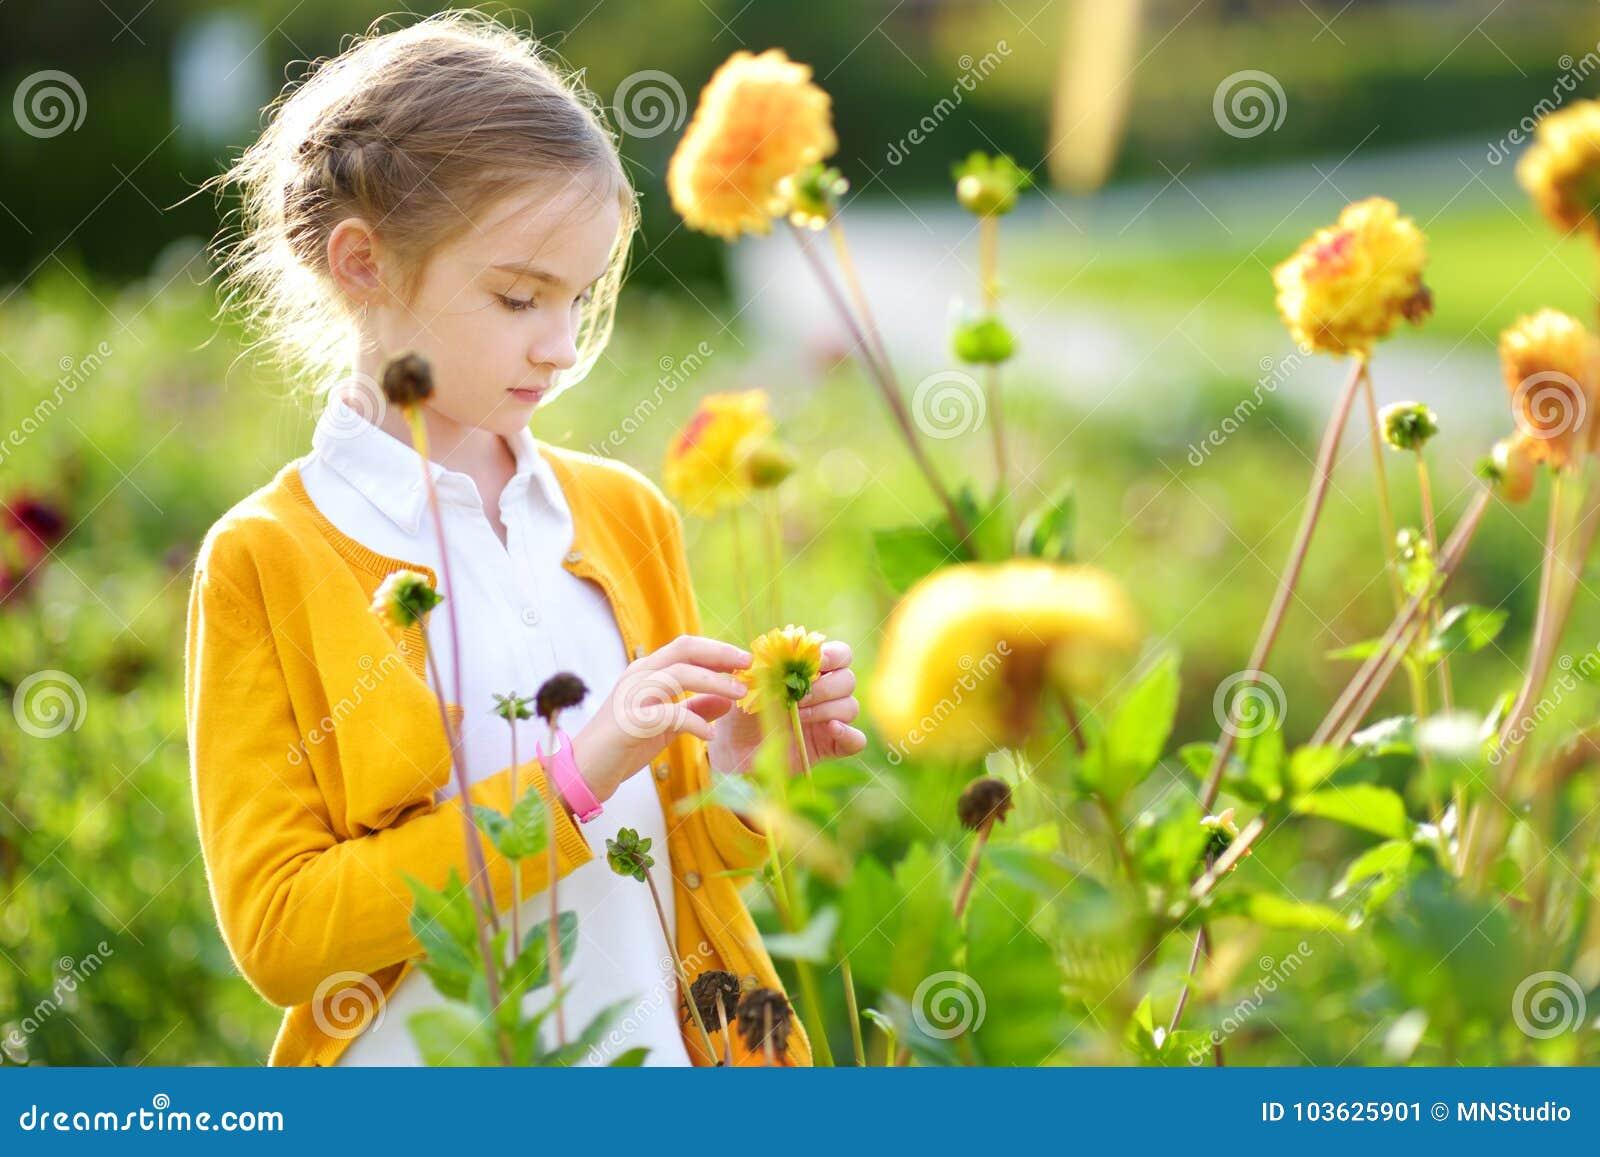 Petite fille mignonne jouant dans le domaine se développant de dahlia Enfant sélectionnant les fleurs fraîches dans le pré de dah